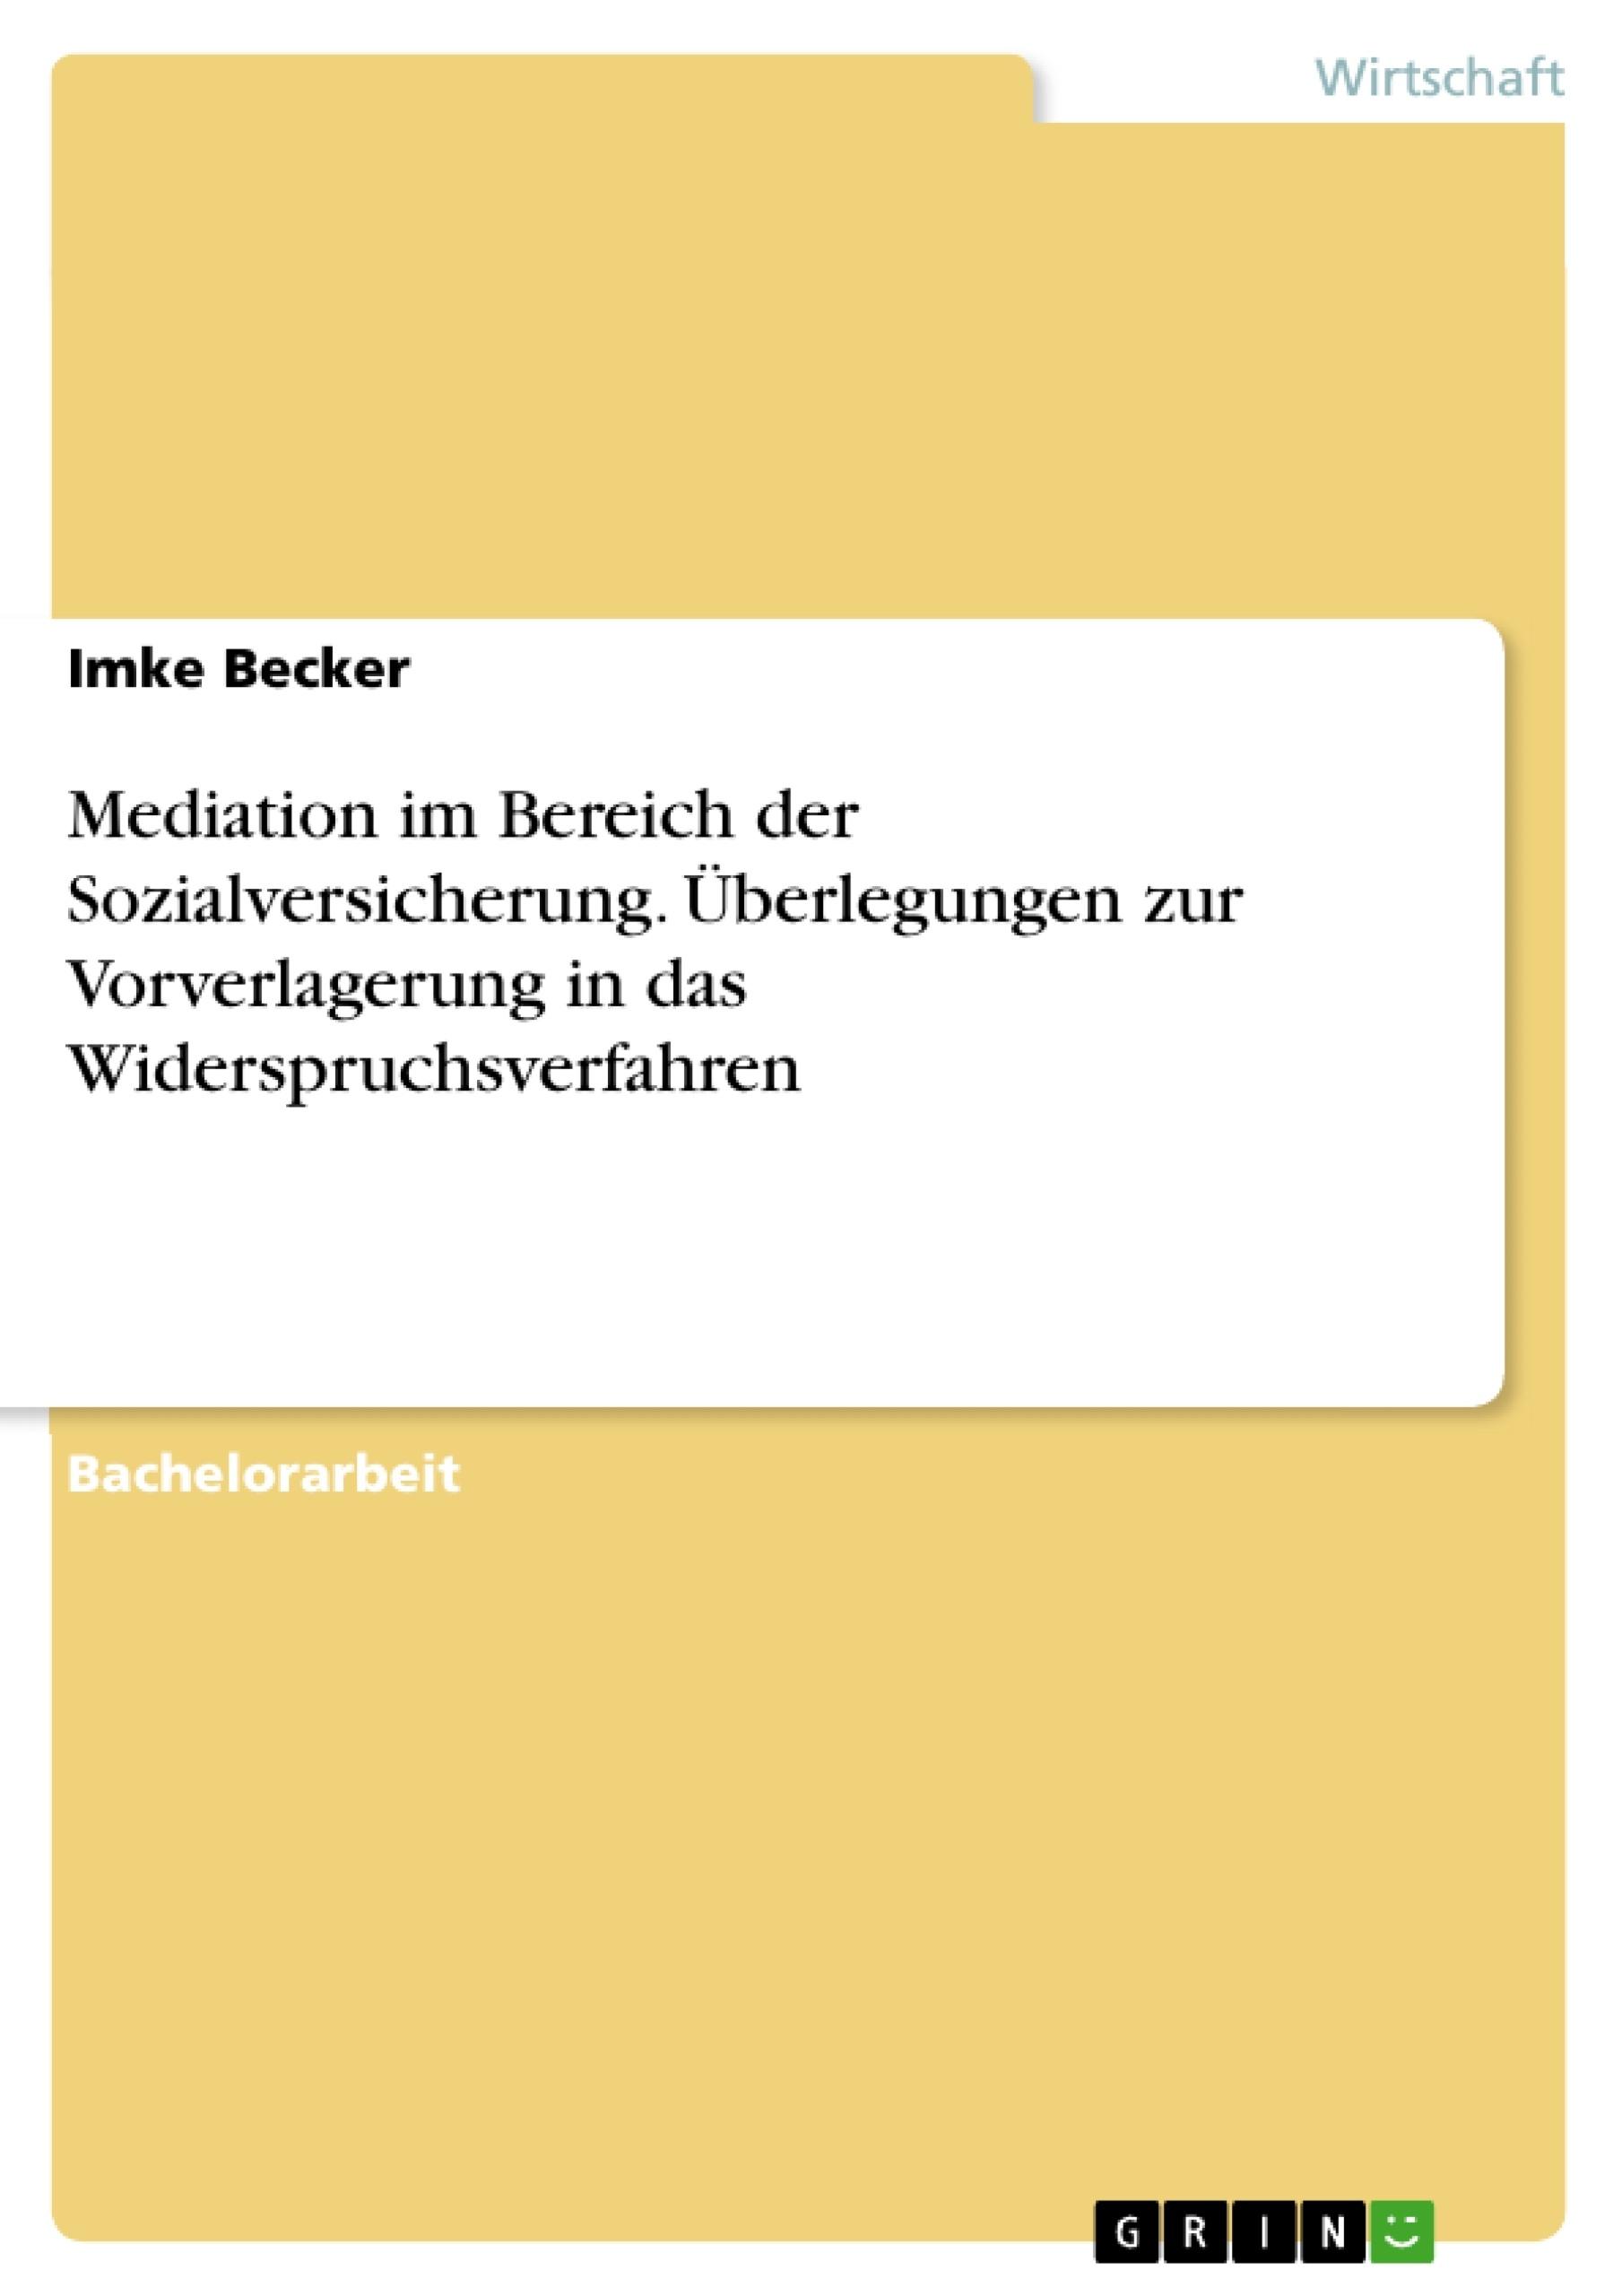 Titel: Mediation im Bereich der Sozialversicherung. Überlegungen zur Vorverlagerung in das Widerspruchsverfahren